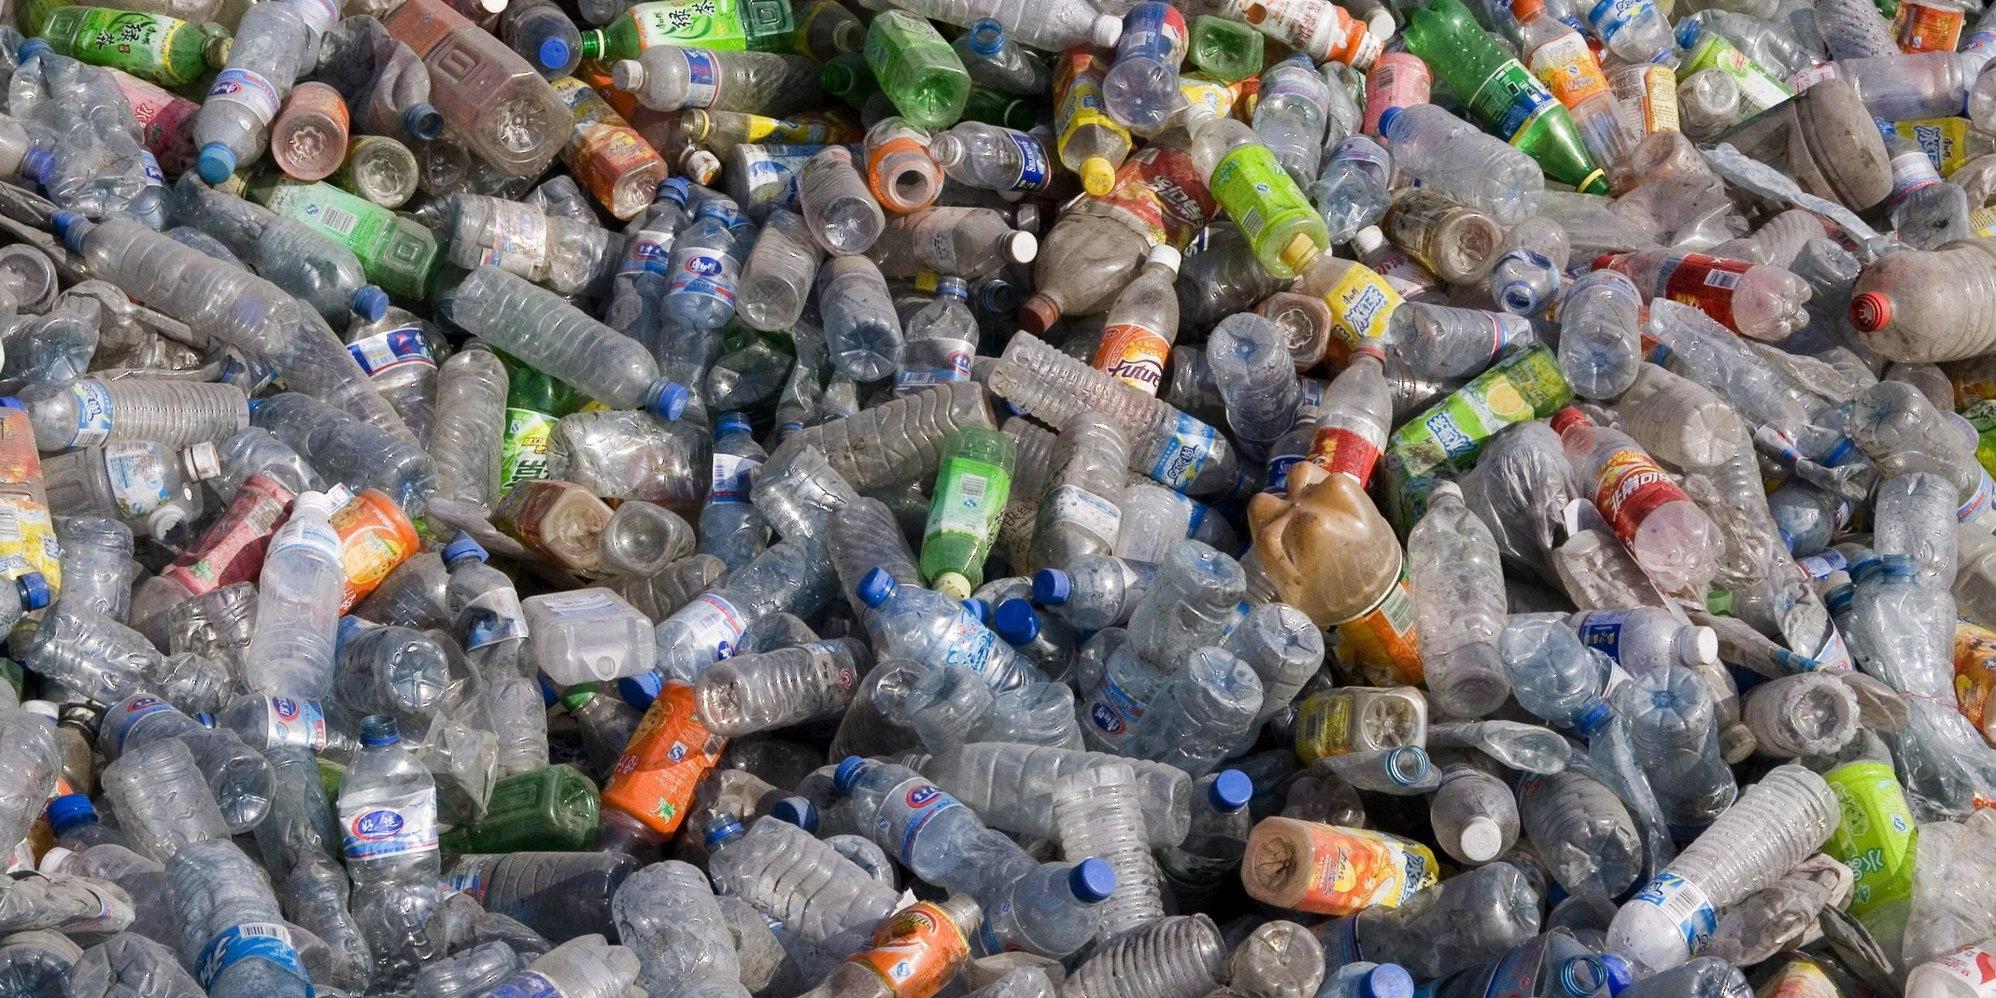 Istat: più rifiuti e meno raccolta differenziata nelle grandi città